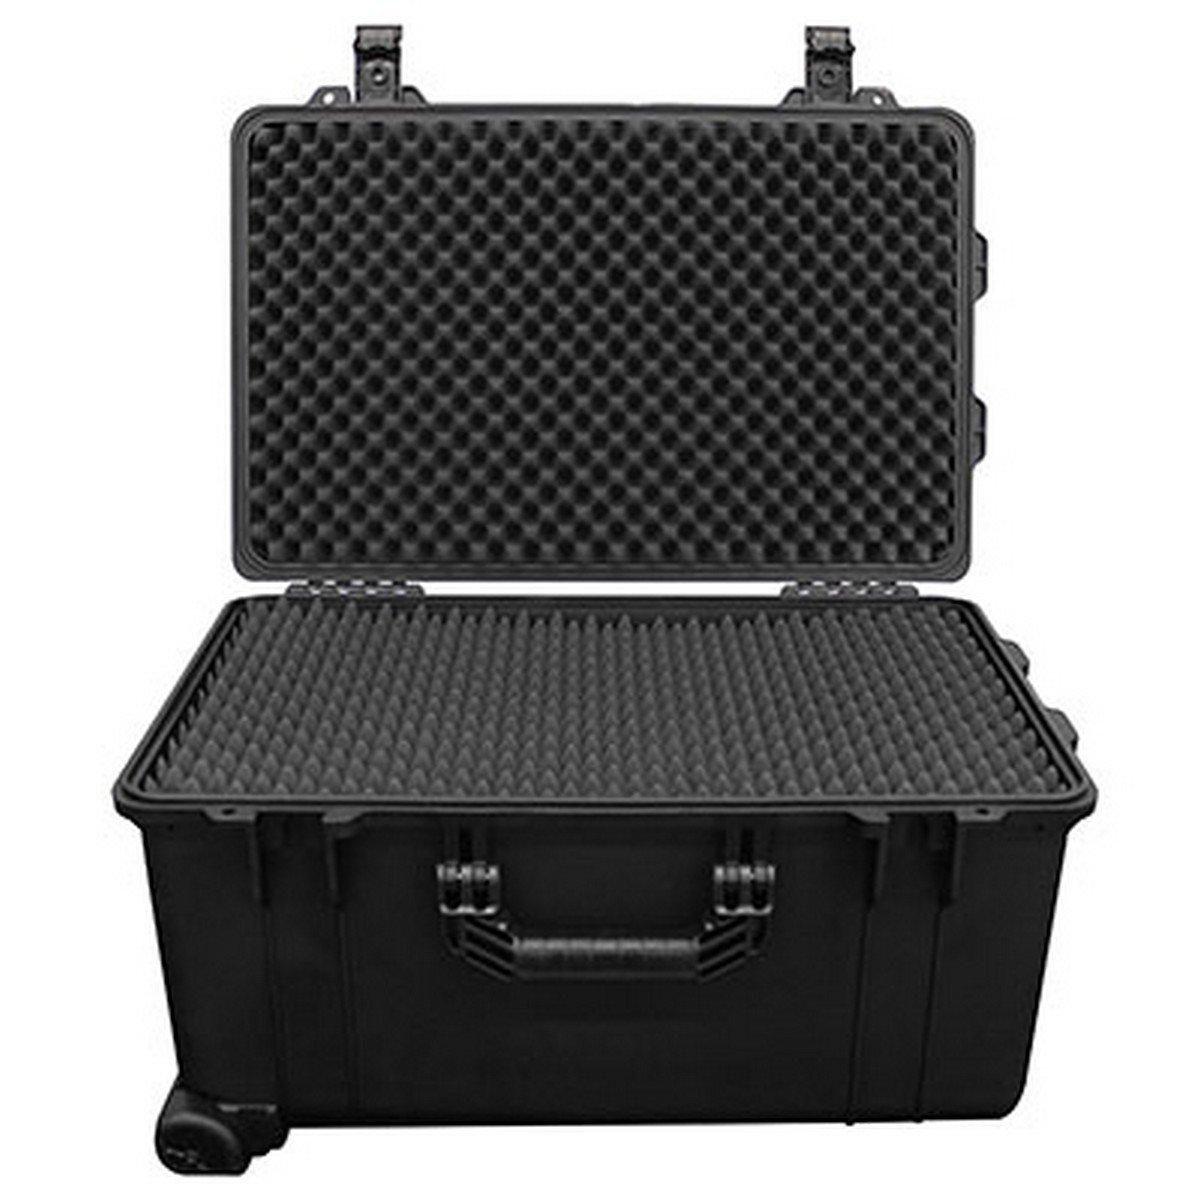 Odyssey Cases vu221411hw  バルカンシリーズユーティリティケース B0106I41BY